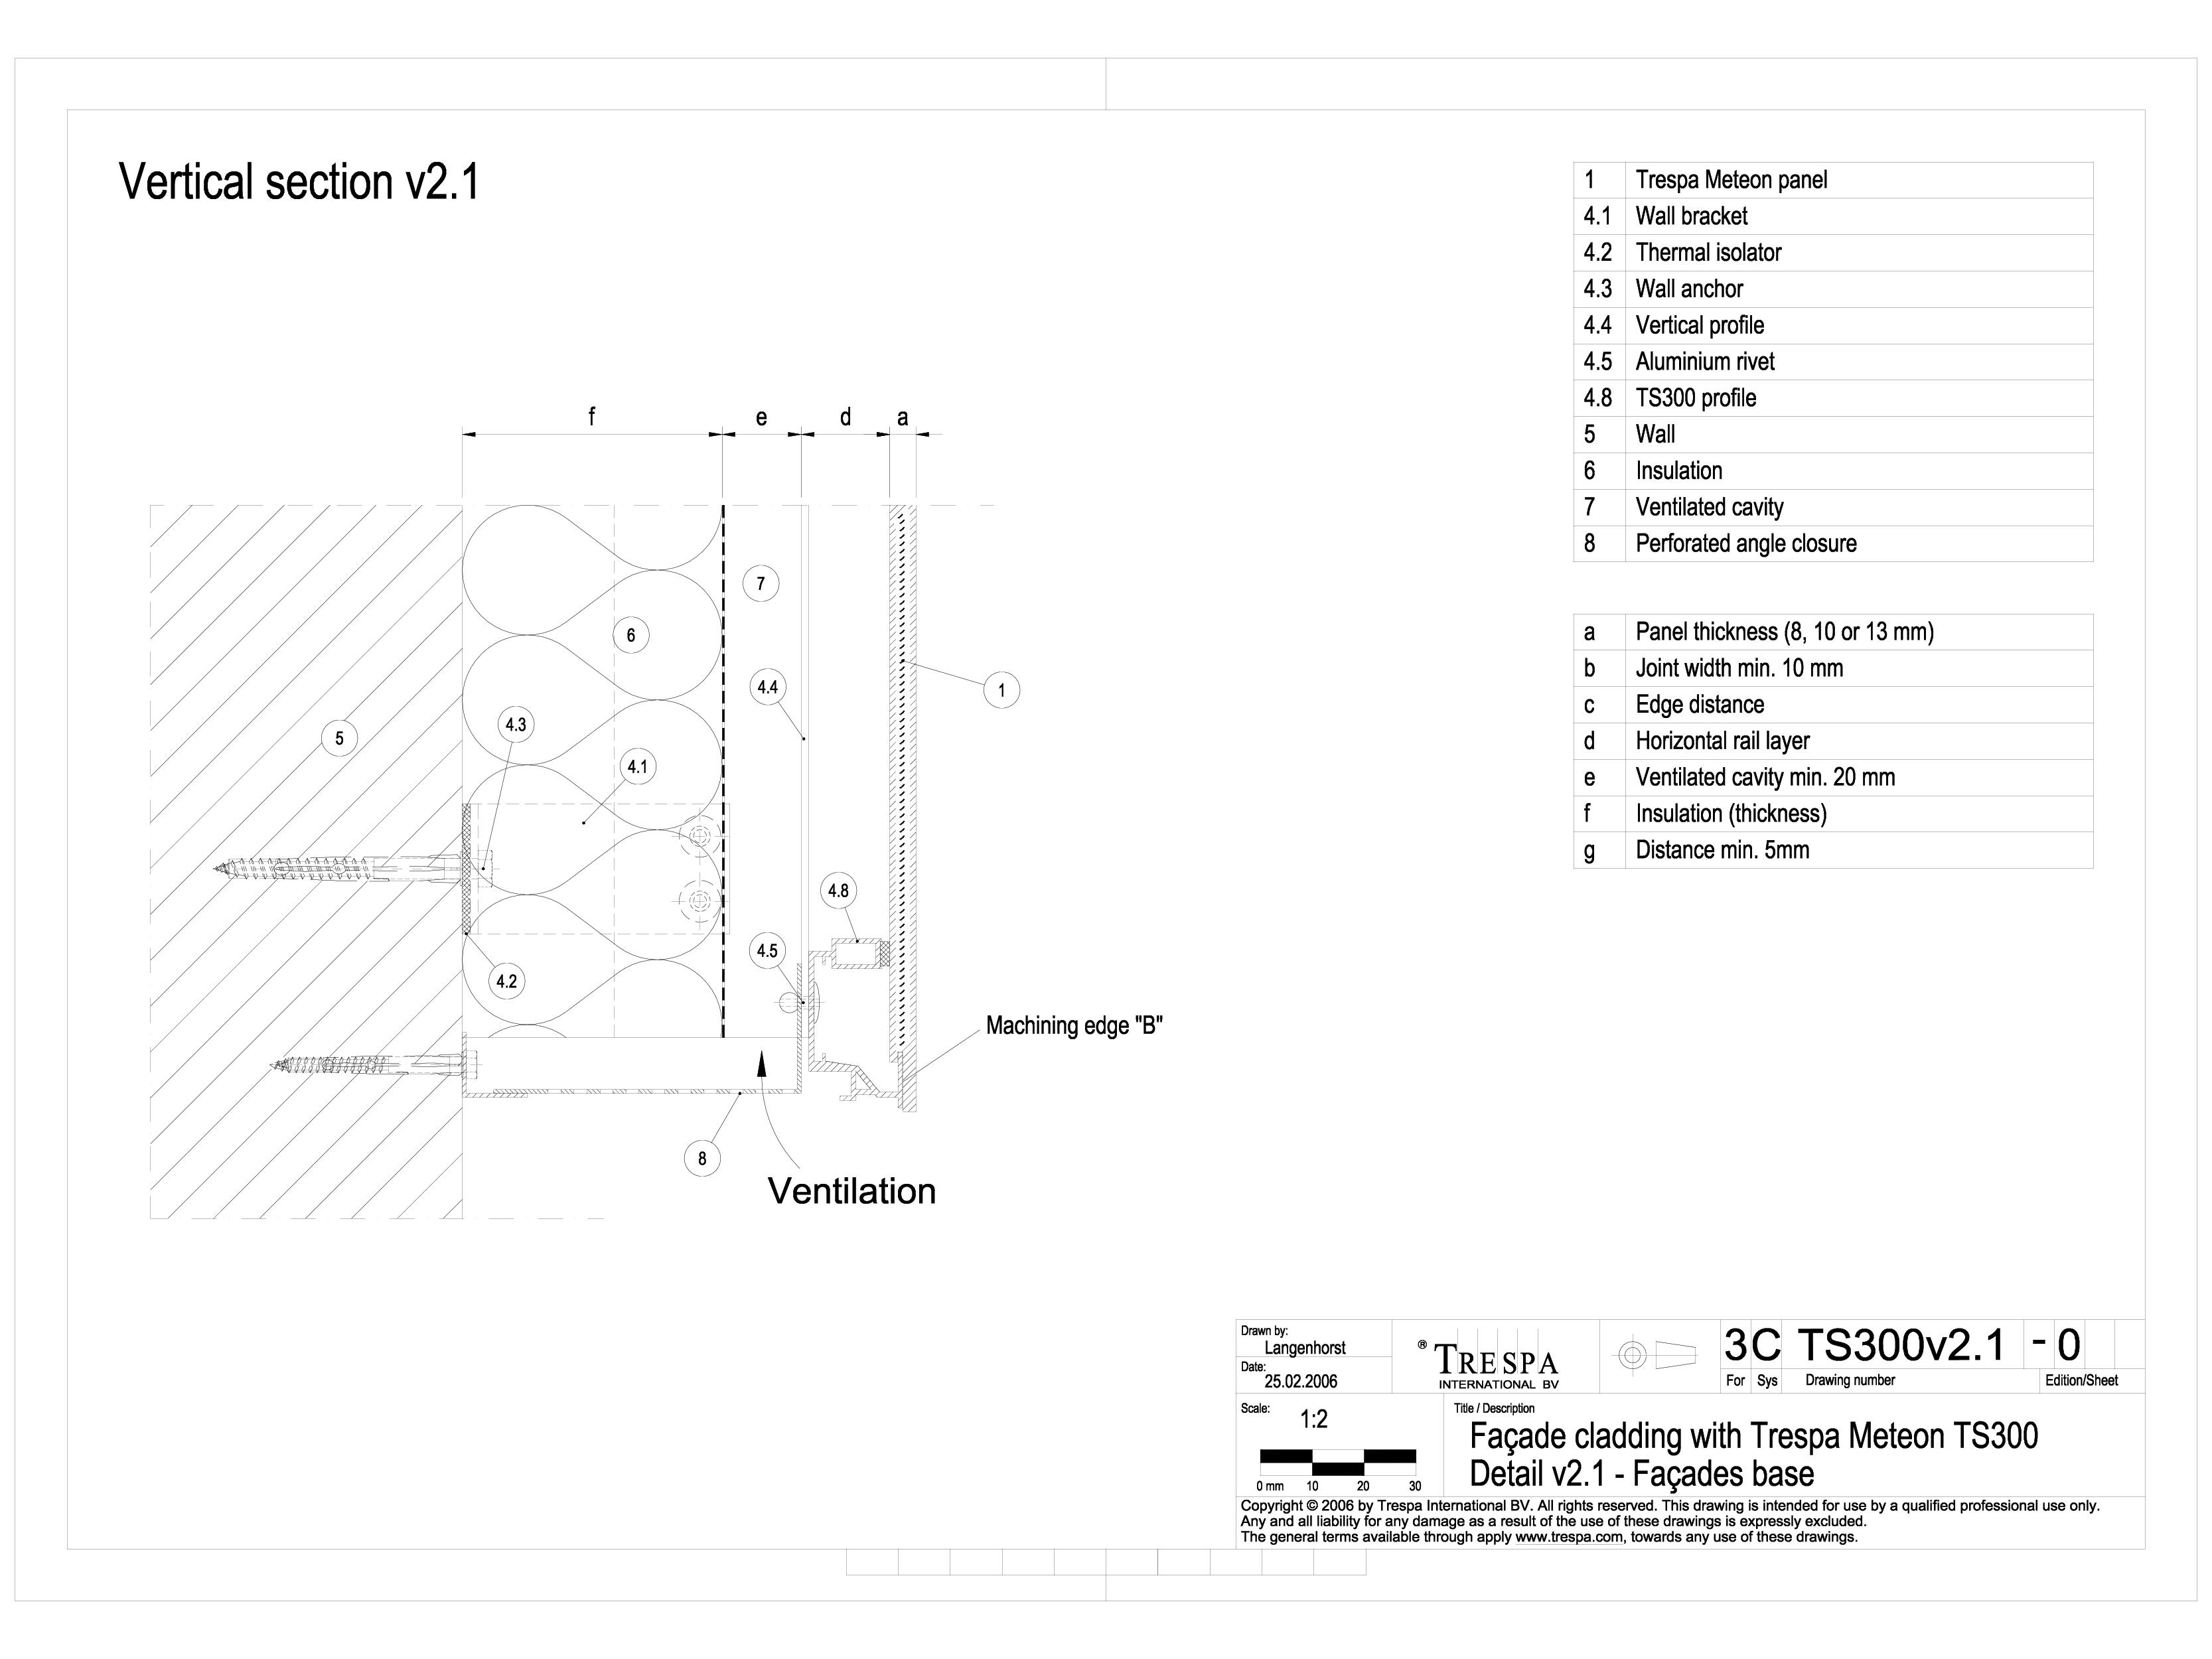 Sisteme de prindere fatade ventilate cu profile oarbe, detaliu de prindere la baza fatadei METEON TRESPA Placi HPL pentru fatade ventilate GIBB TECHNOLOGIES  - Pagina 1